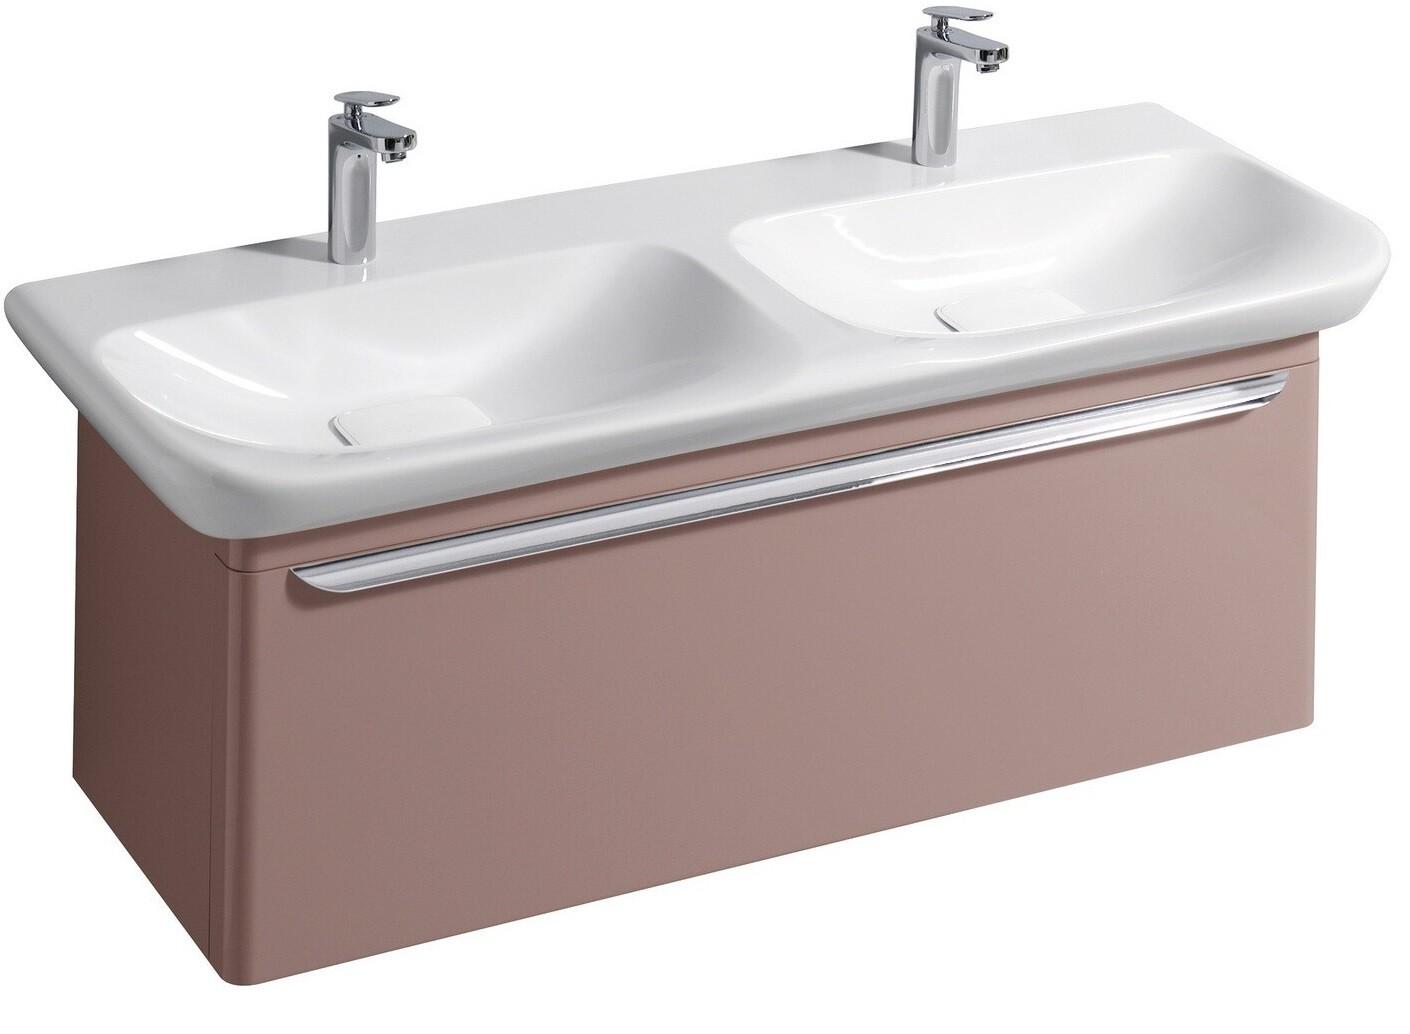 Meuble bas pour lavabo double Geberit myDay 130 cm avec un tiroir en  taupe laqué ultra-brillant